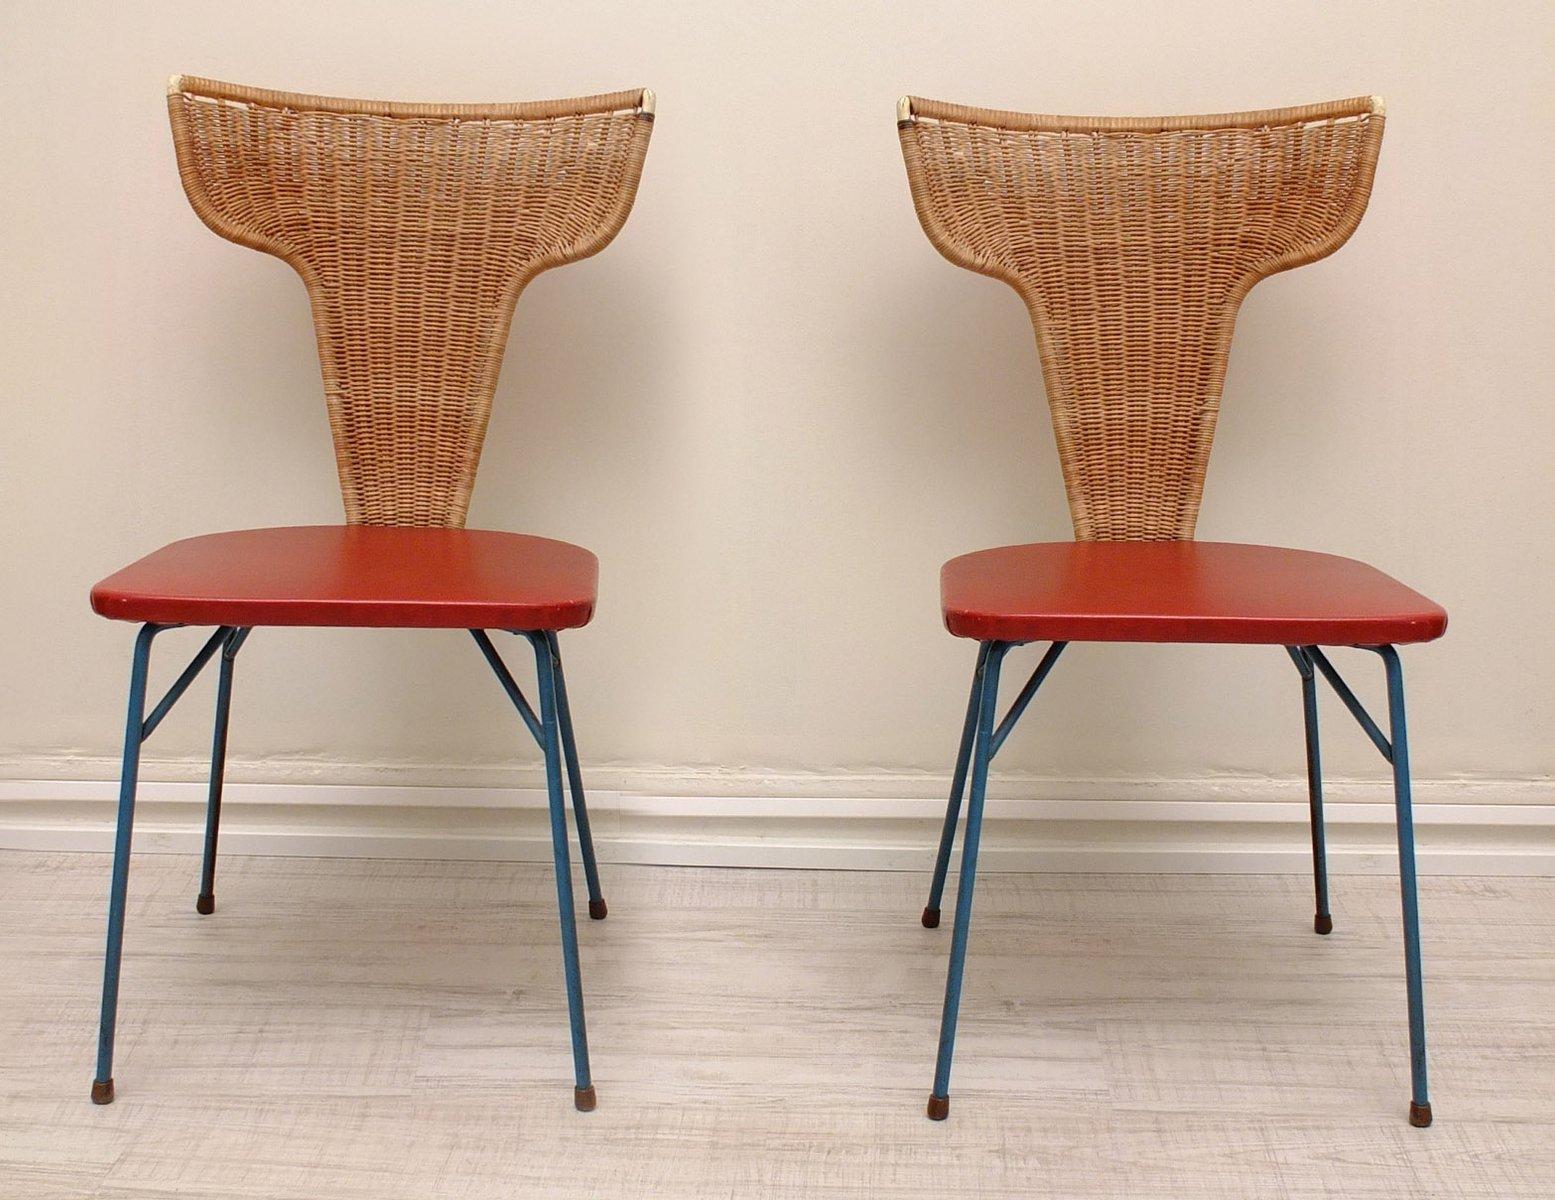 italienische st hle aus eisen rattan 1950er 2er set bei pamono kaufen. Black Bedroom Furniture Sets. Home Design Ideas